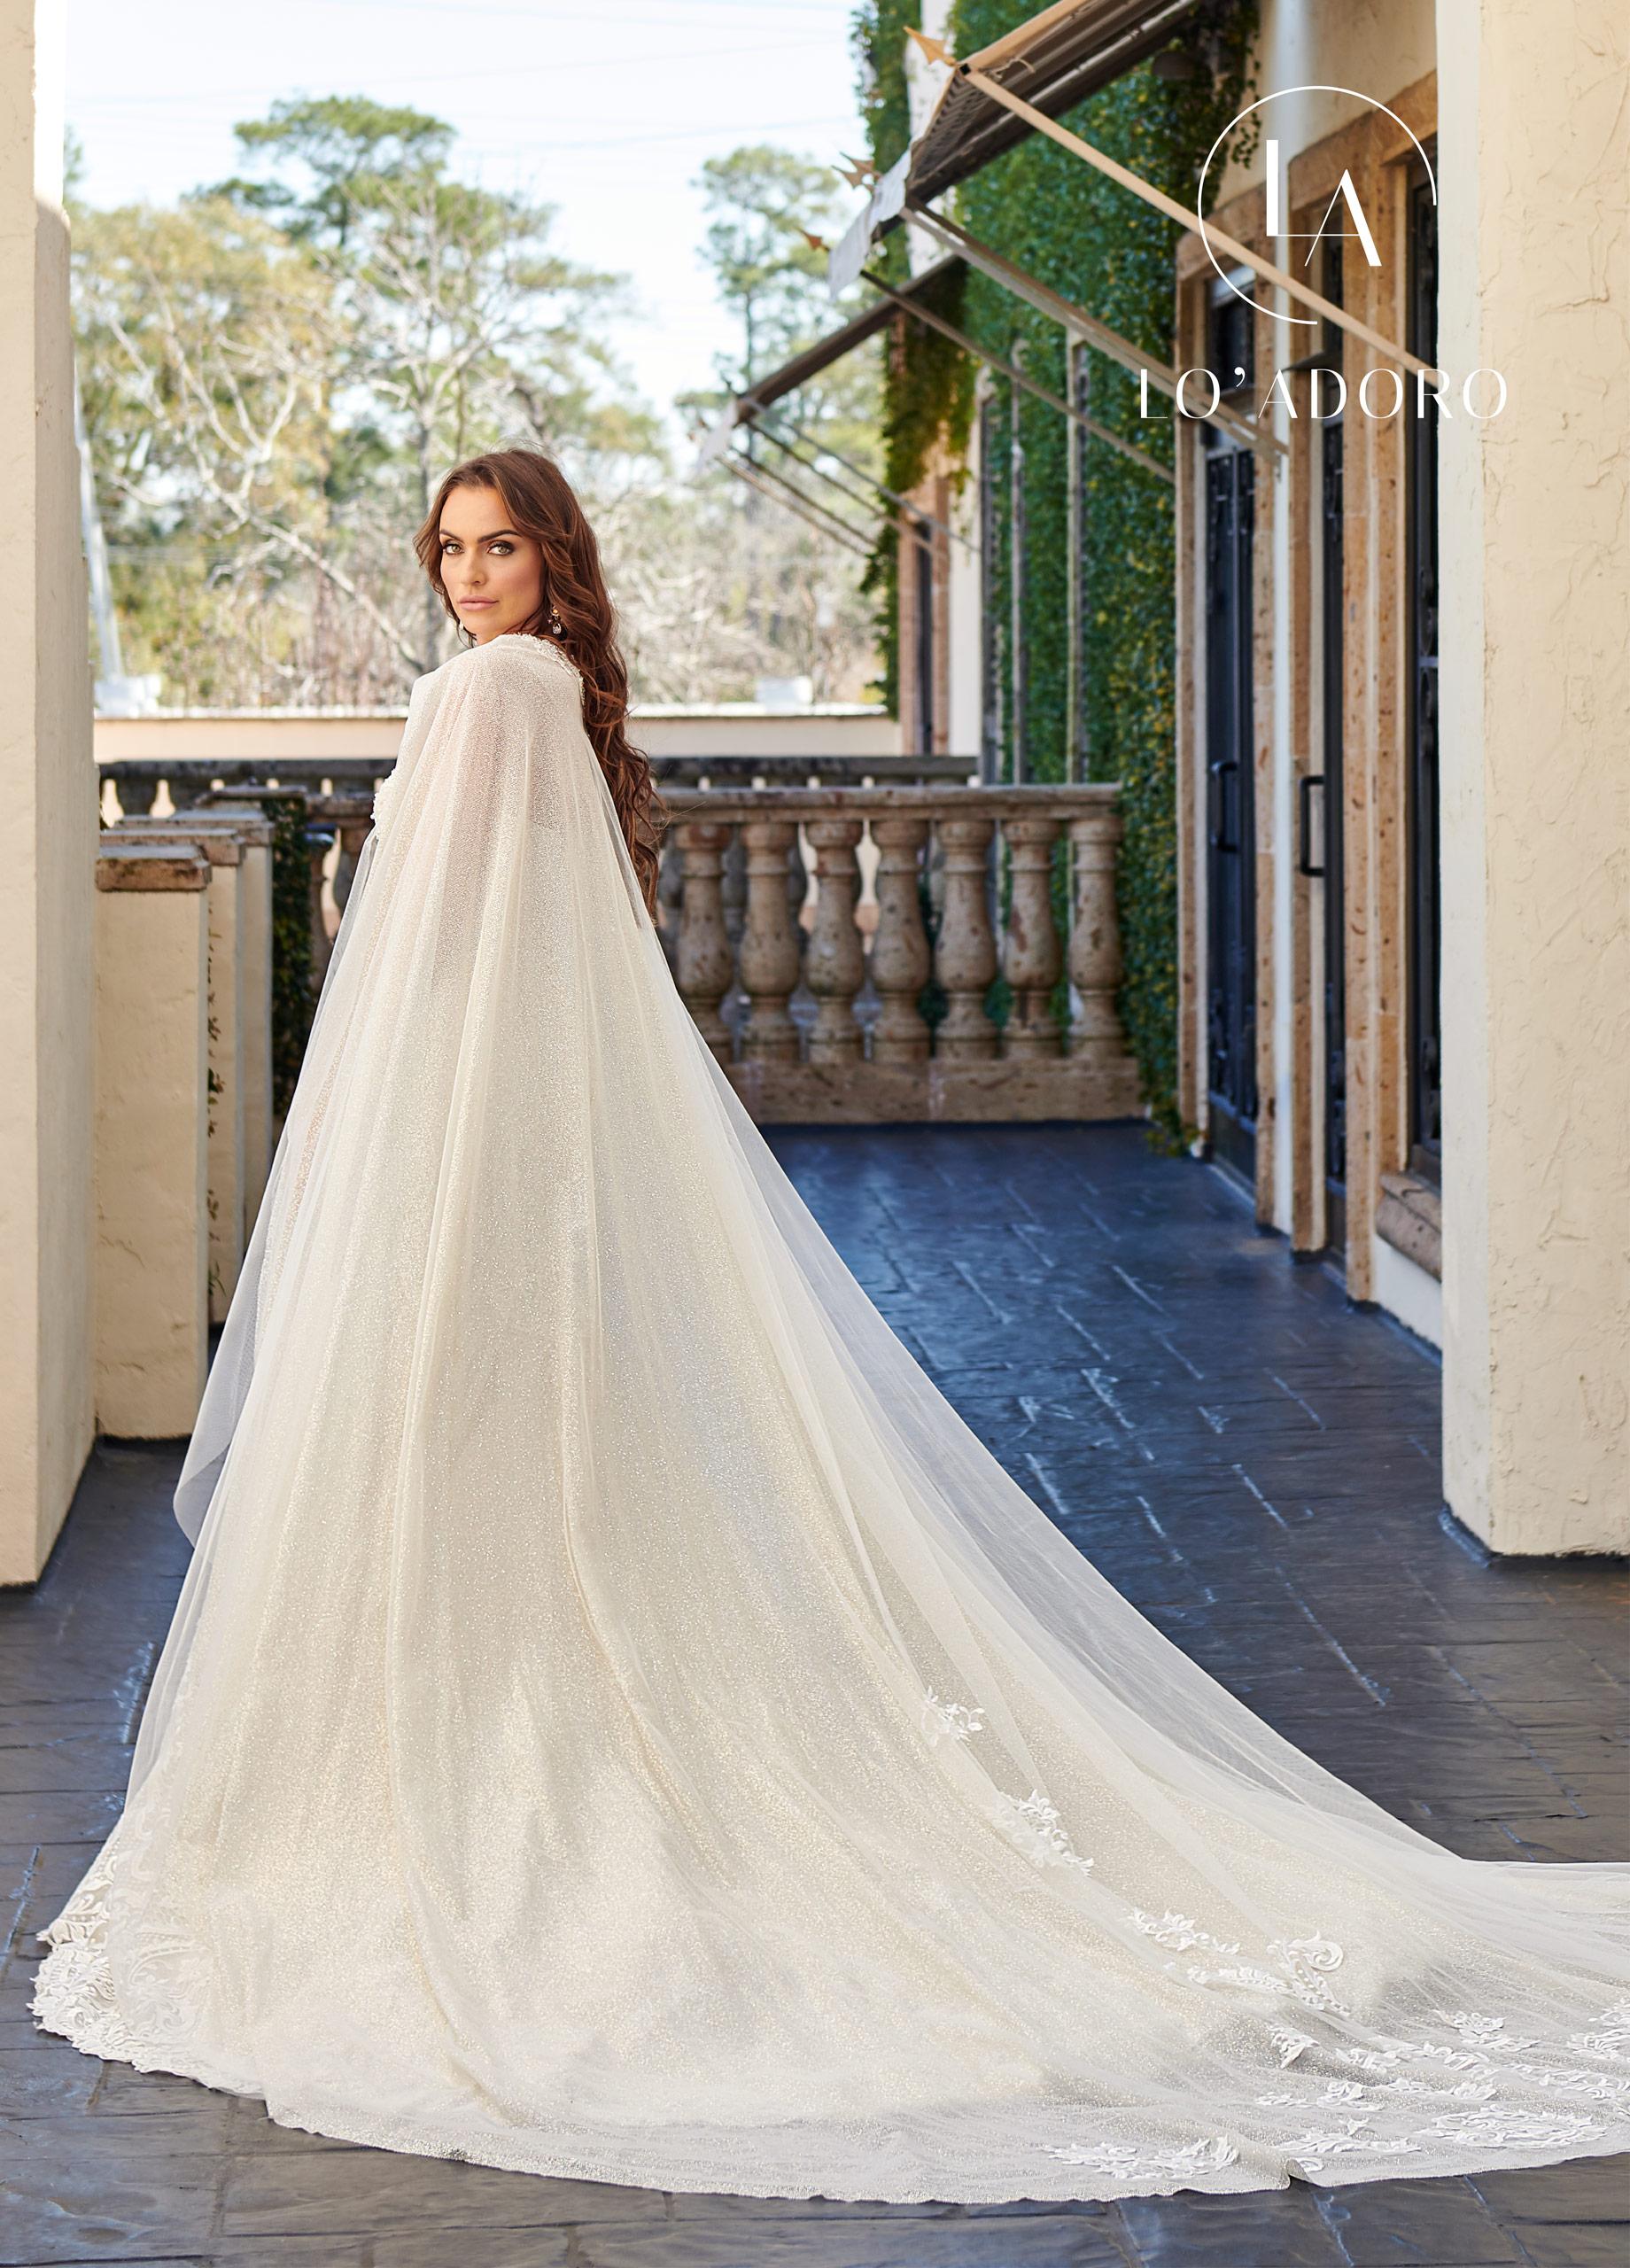 Lo Adoro Bridal Dresses | Lo' Adoro | Style - M781